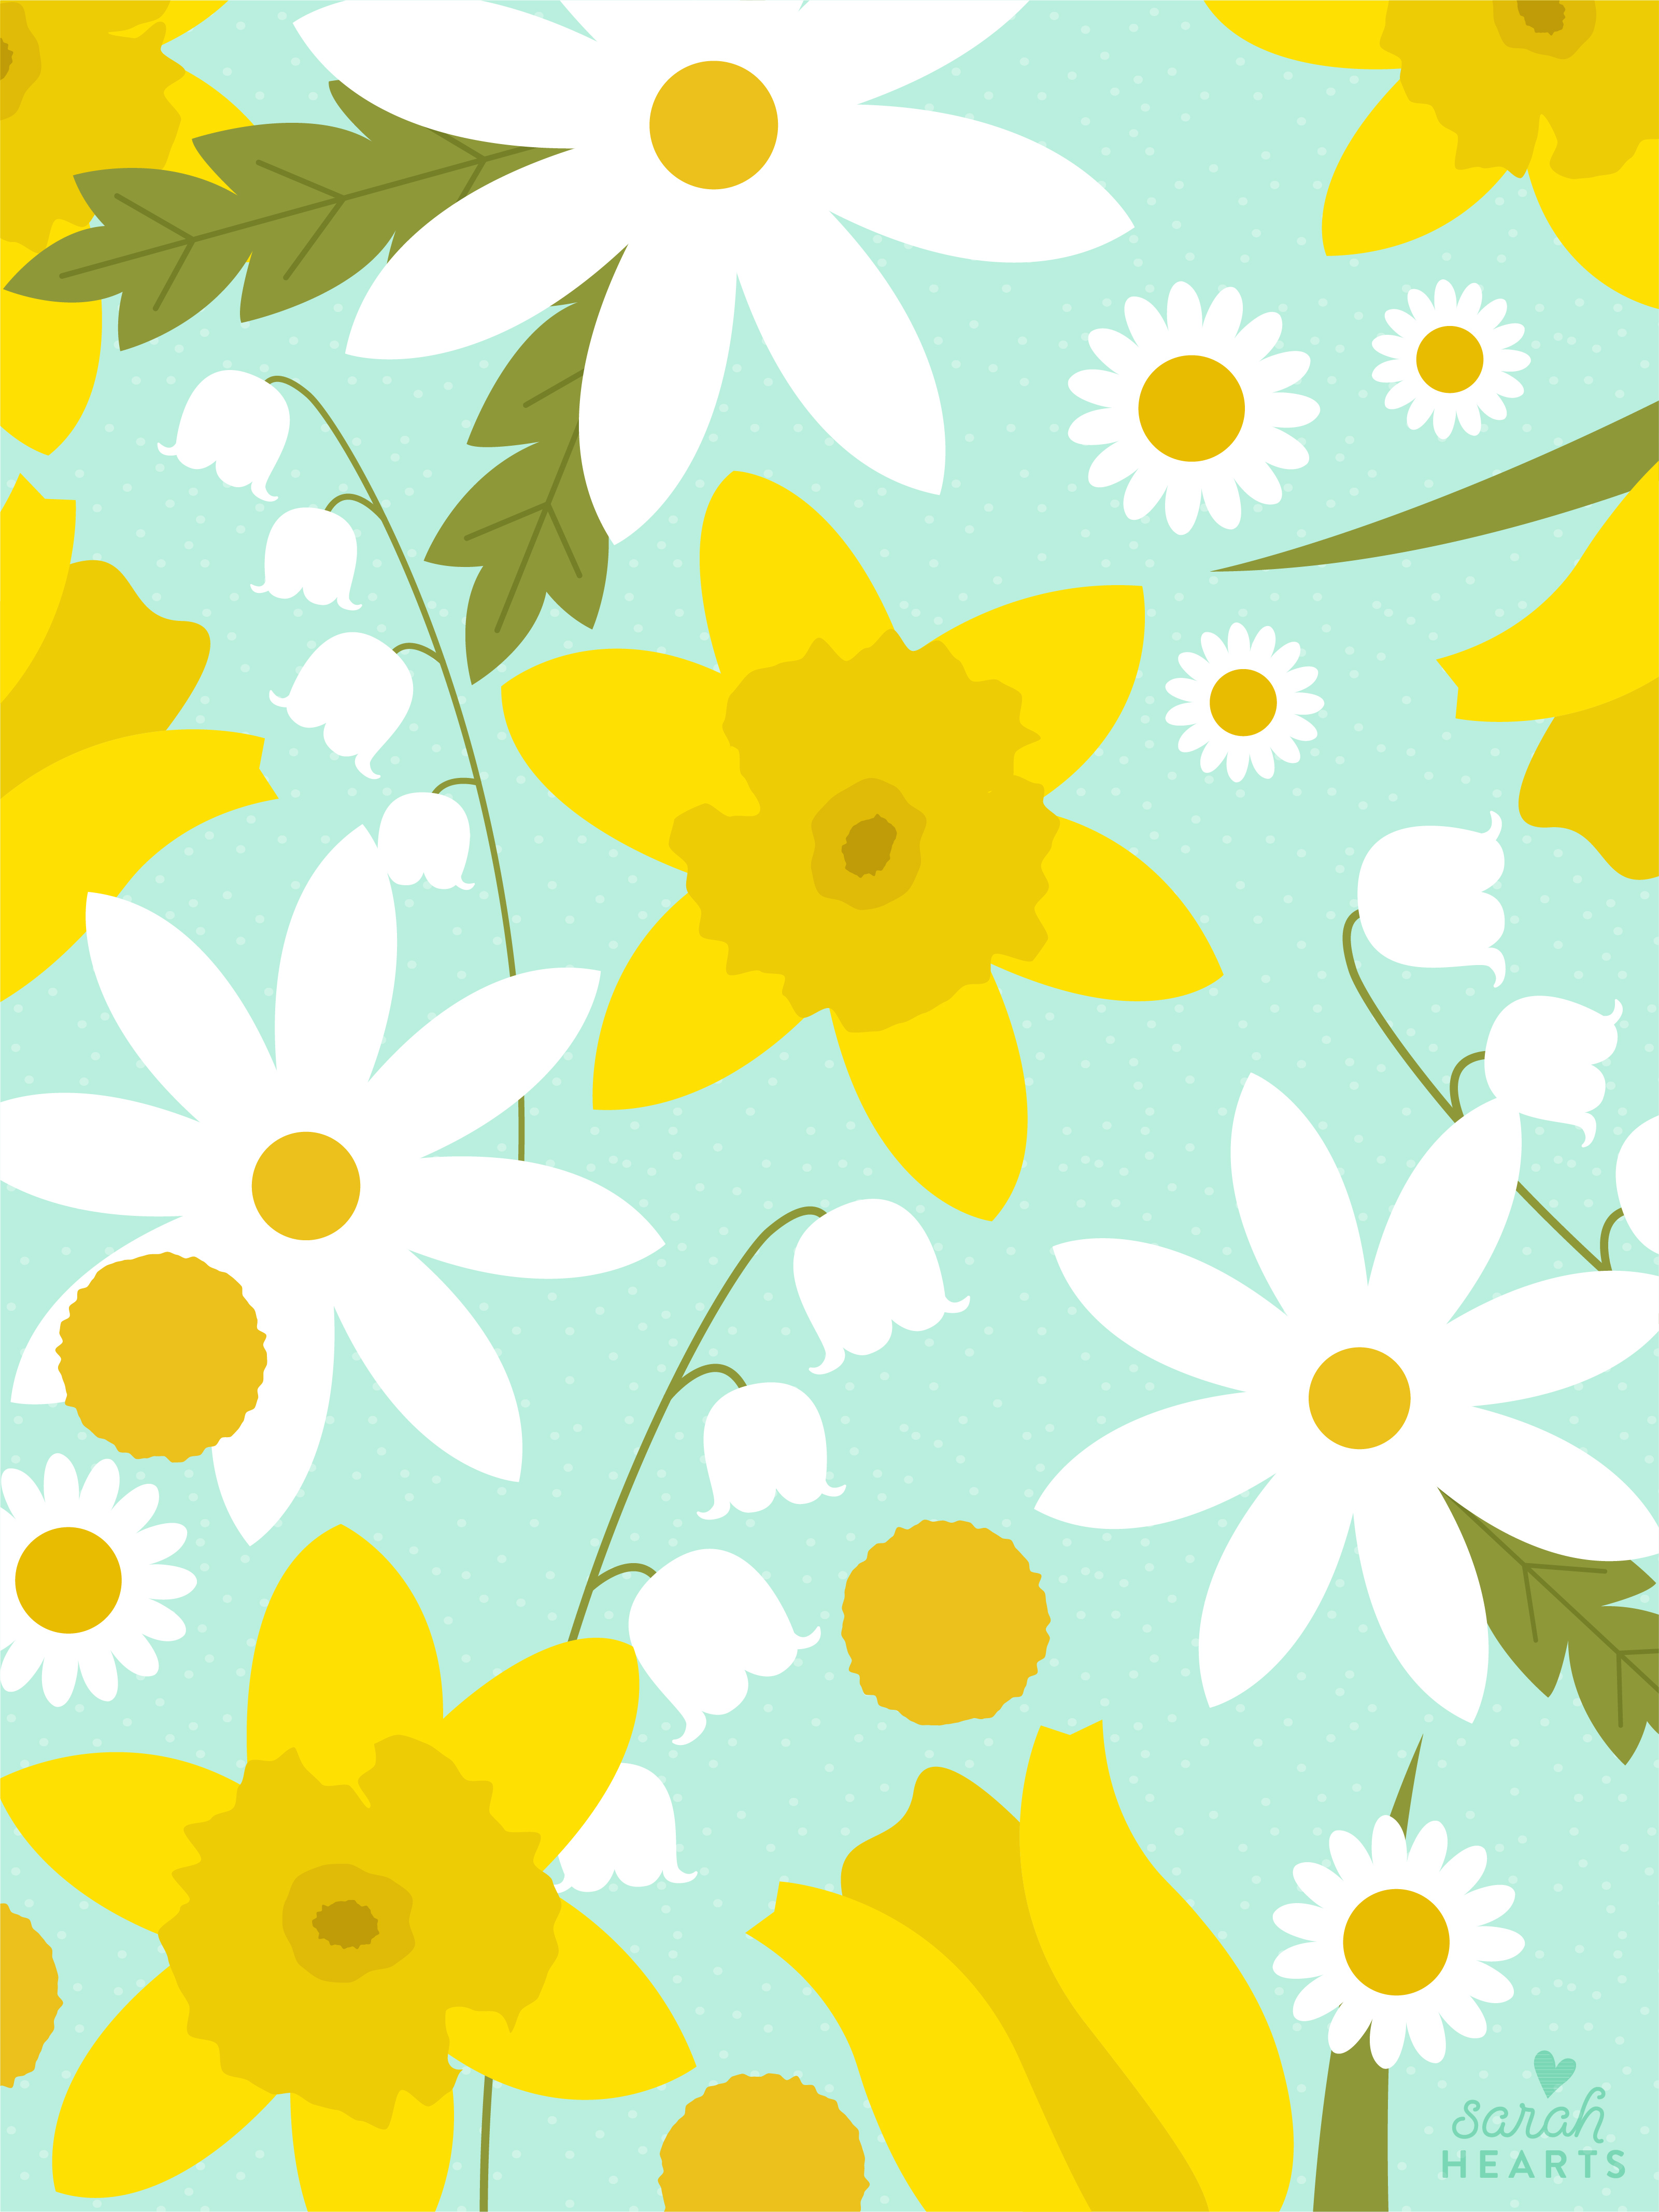 Cute Wallpaper For Iphone Pinterest March 2018 Spring Flower Calendar Wallpaper Sarah Hearts